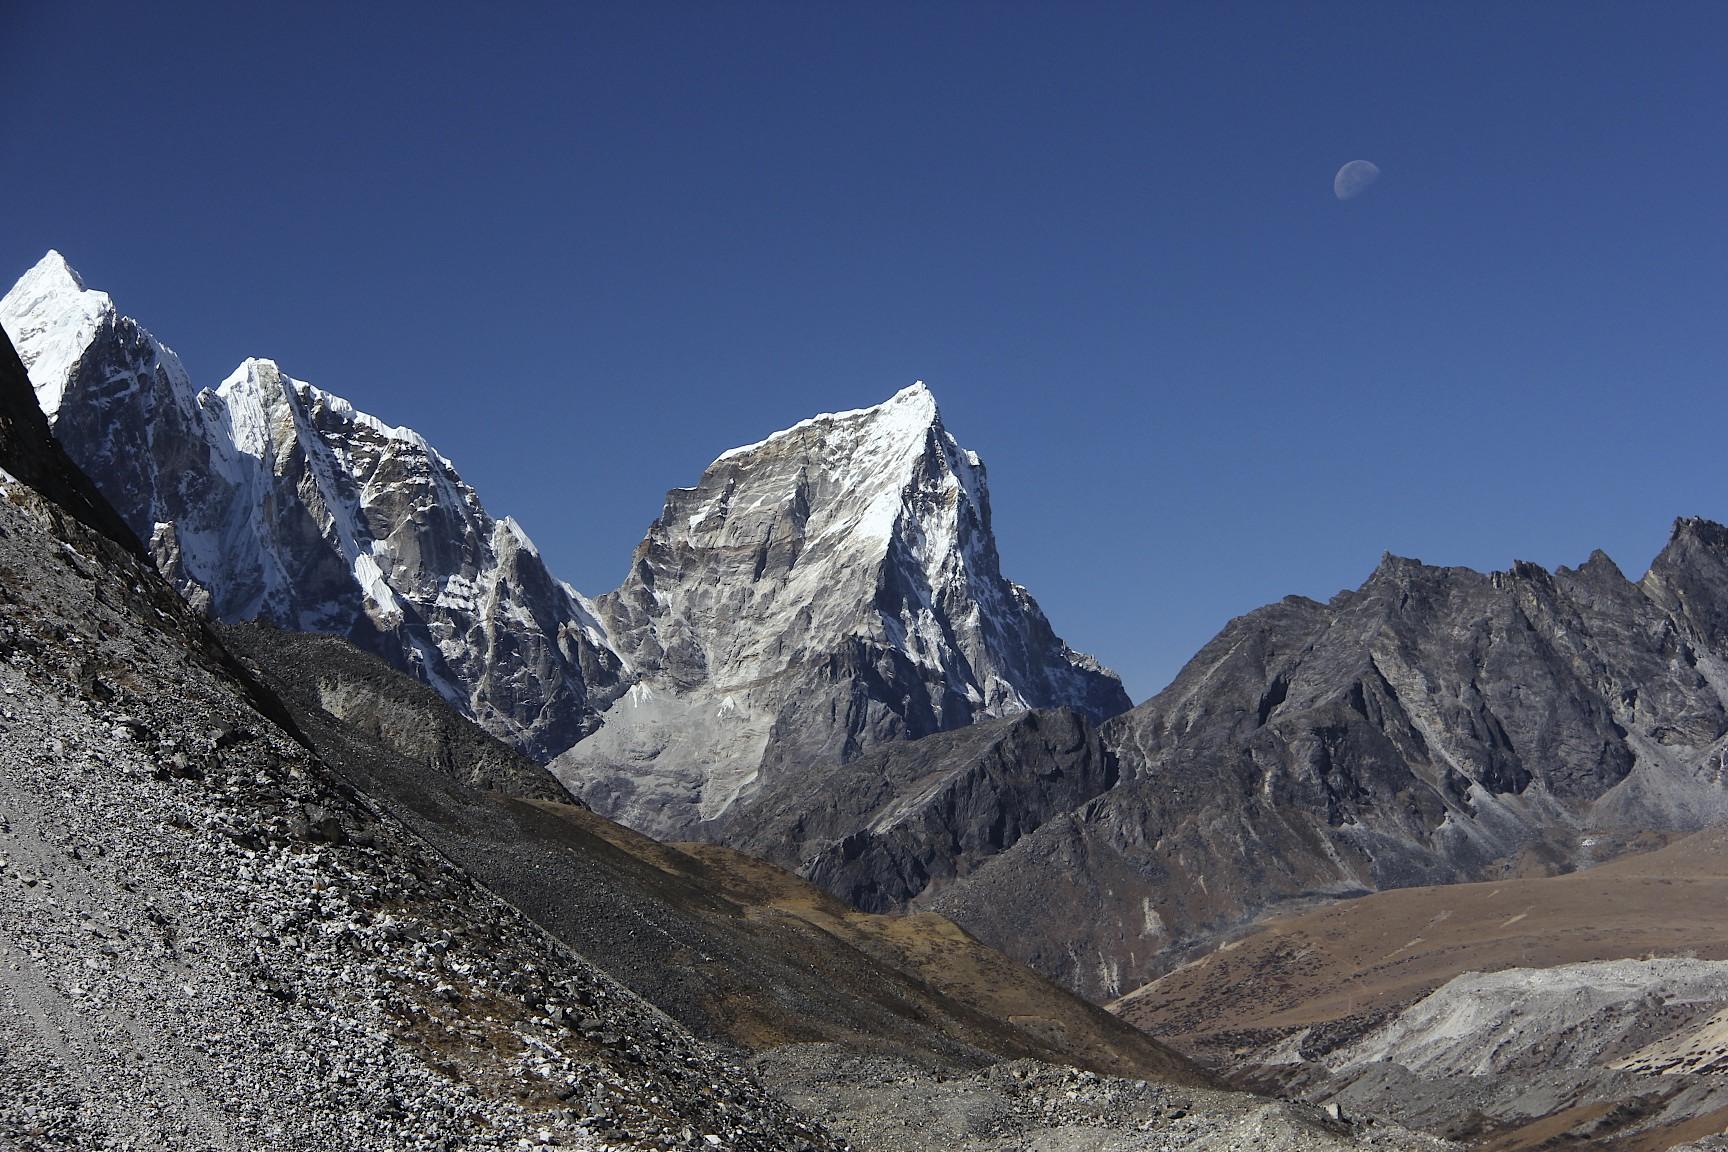 Mt. Cholatse